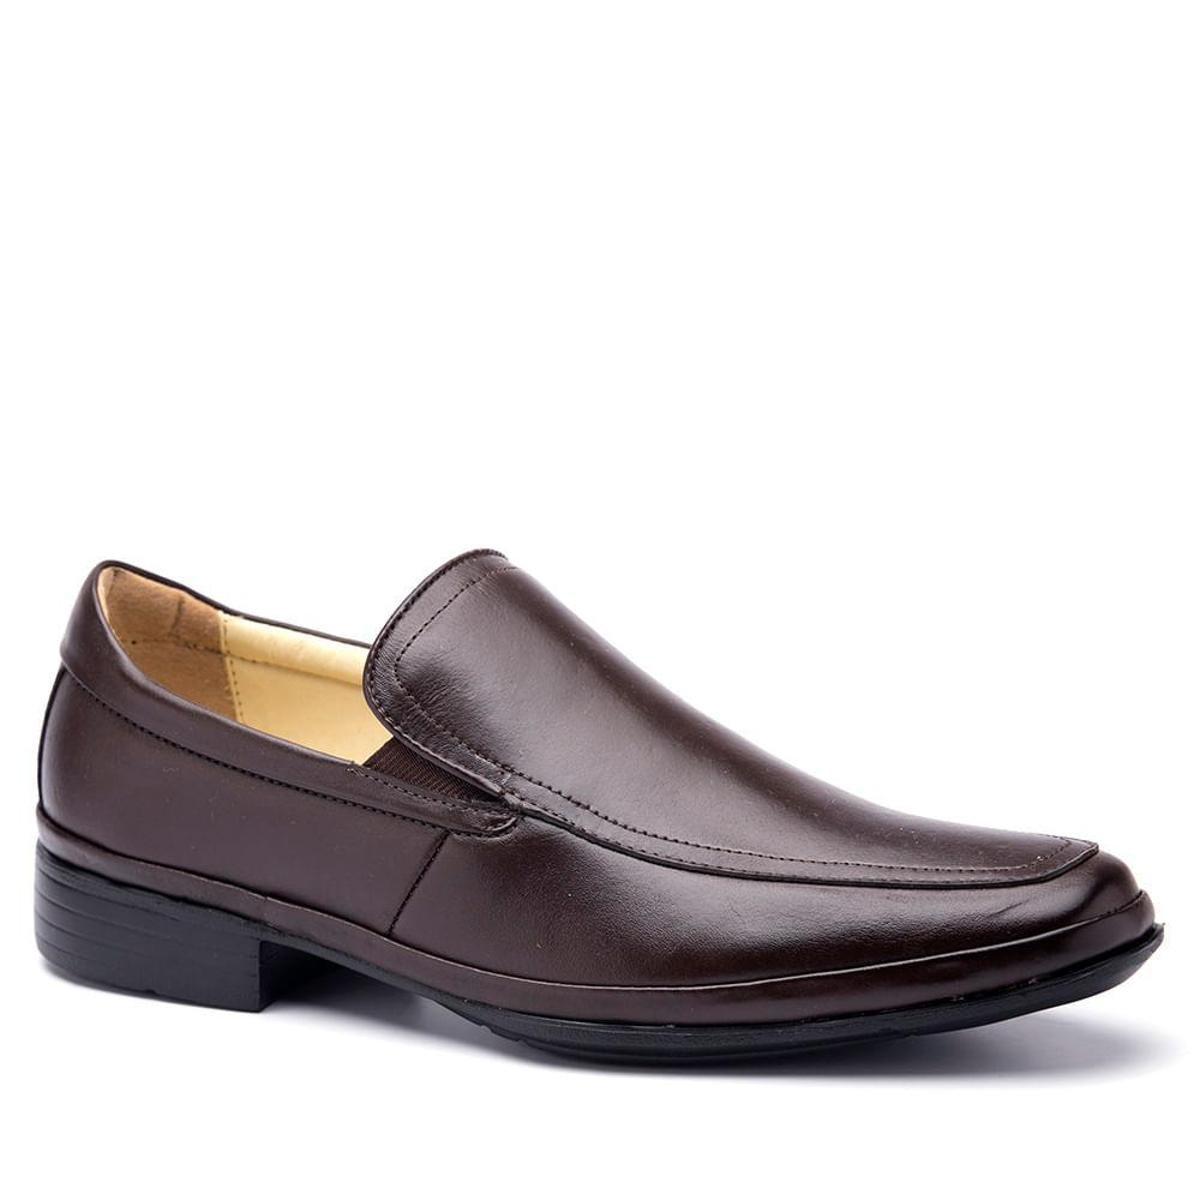 Social Doctor em Sapato Social Couro Café 3070 Masculino Sapato Shoes EgEFaqr